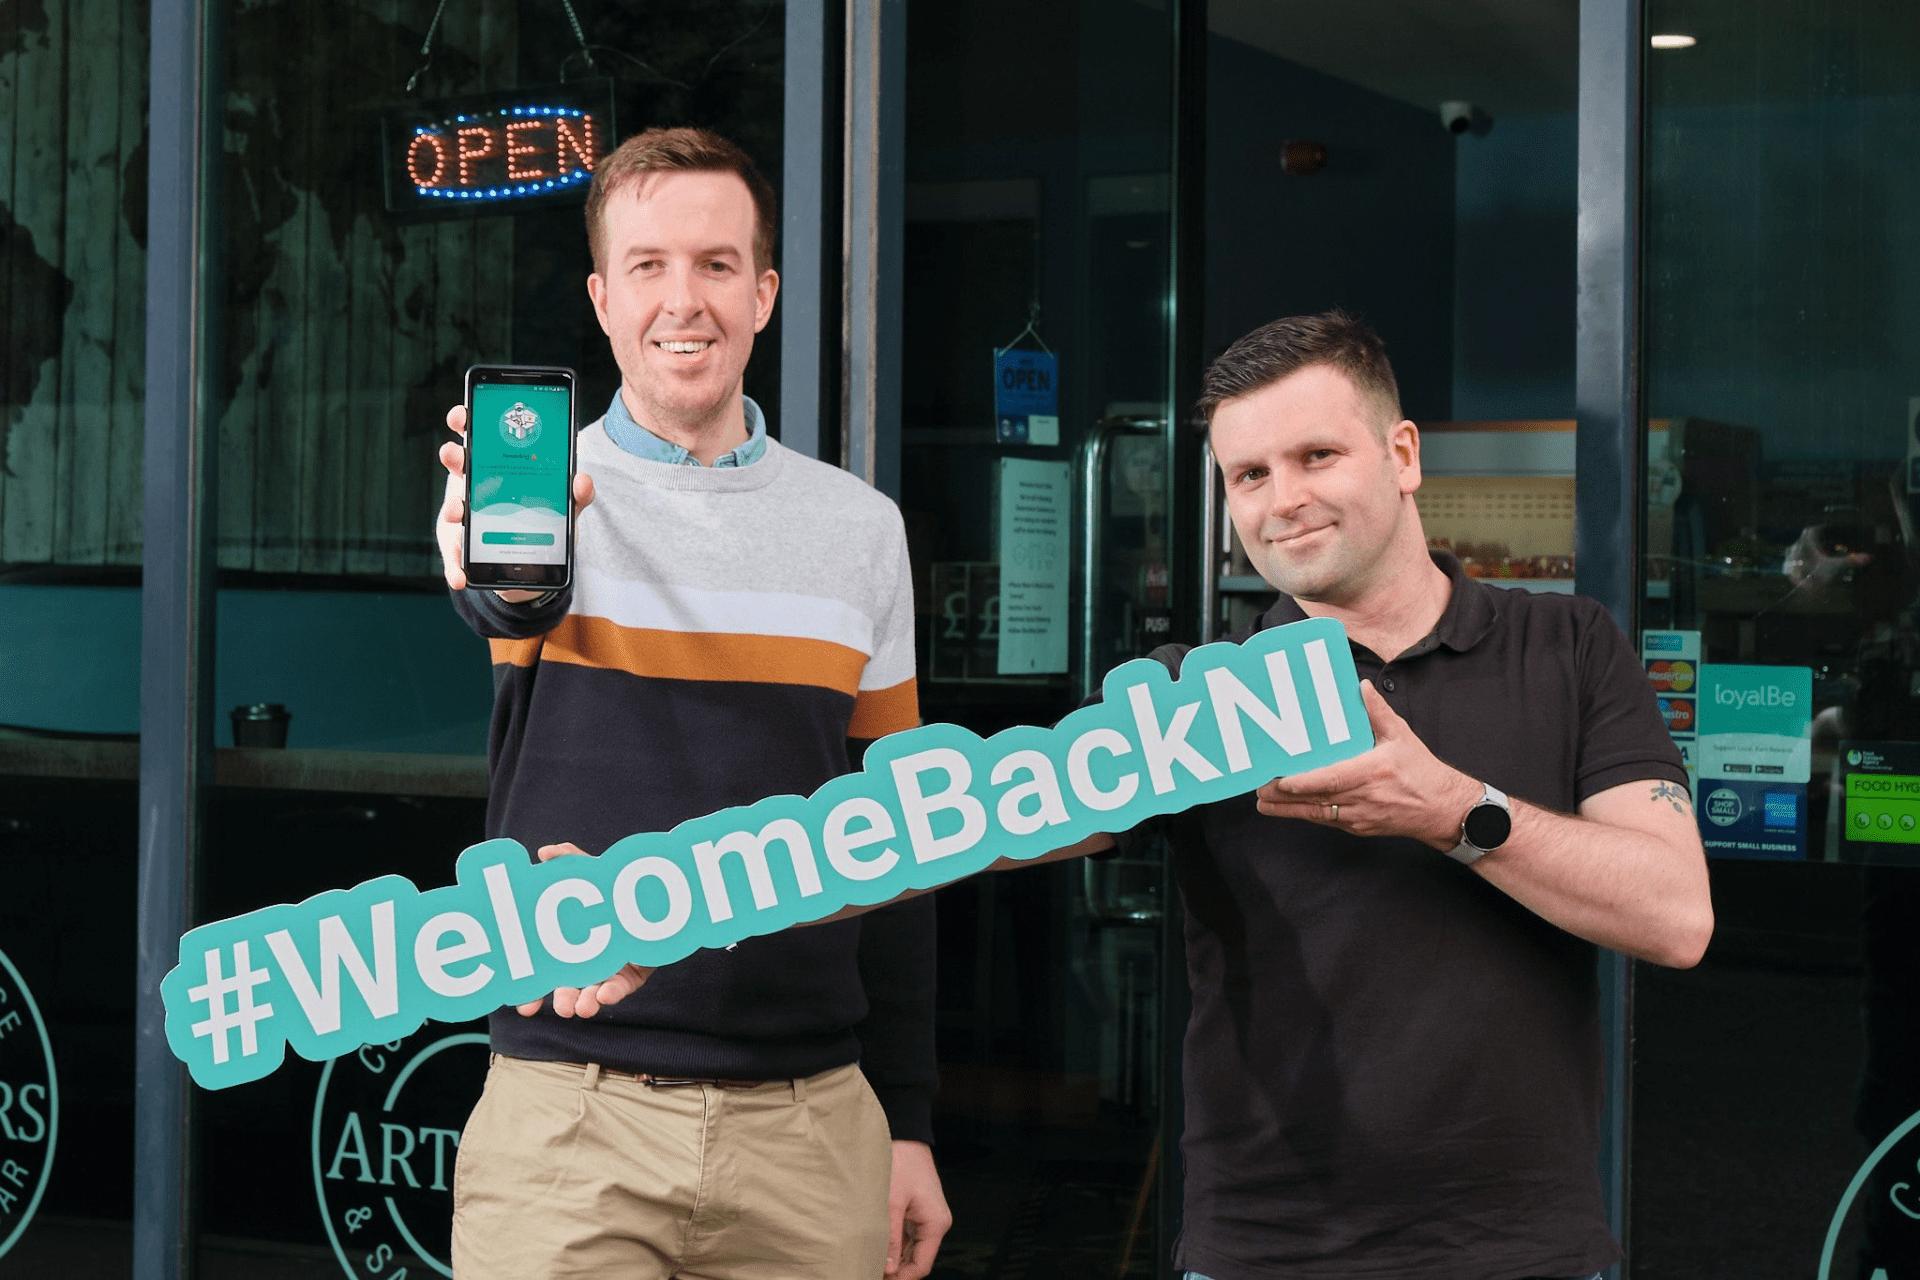 #WelcomeBackNI